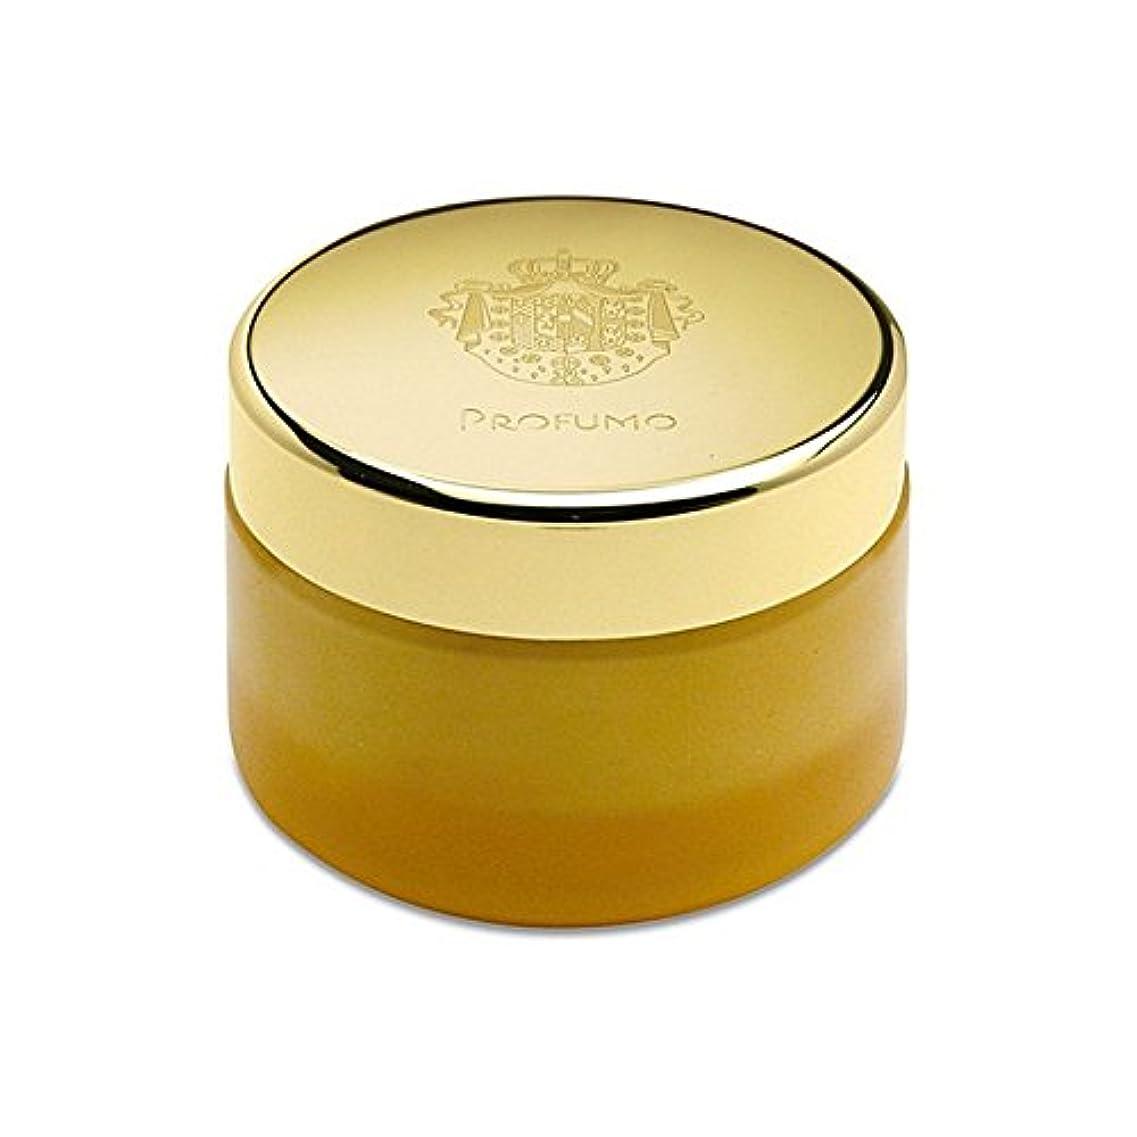 アクアディパルマボディクリーム200ミリリットル x2 - Acqua Di Parma Profumo Body Cream 200ml (Pack of 2) [並行輸入品]